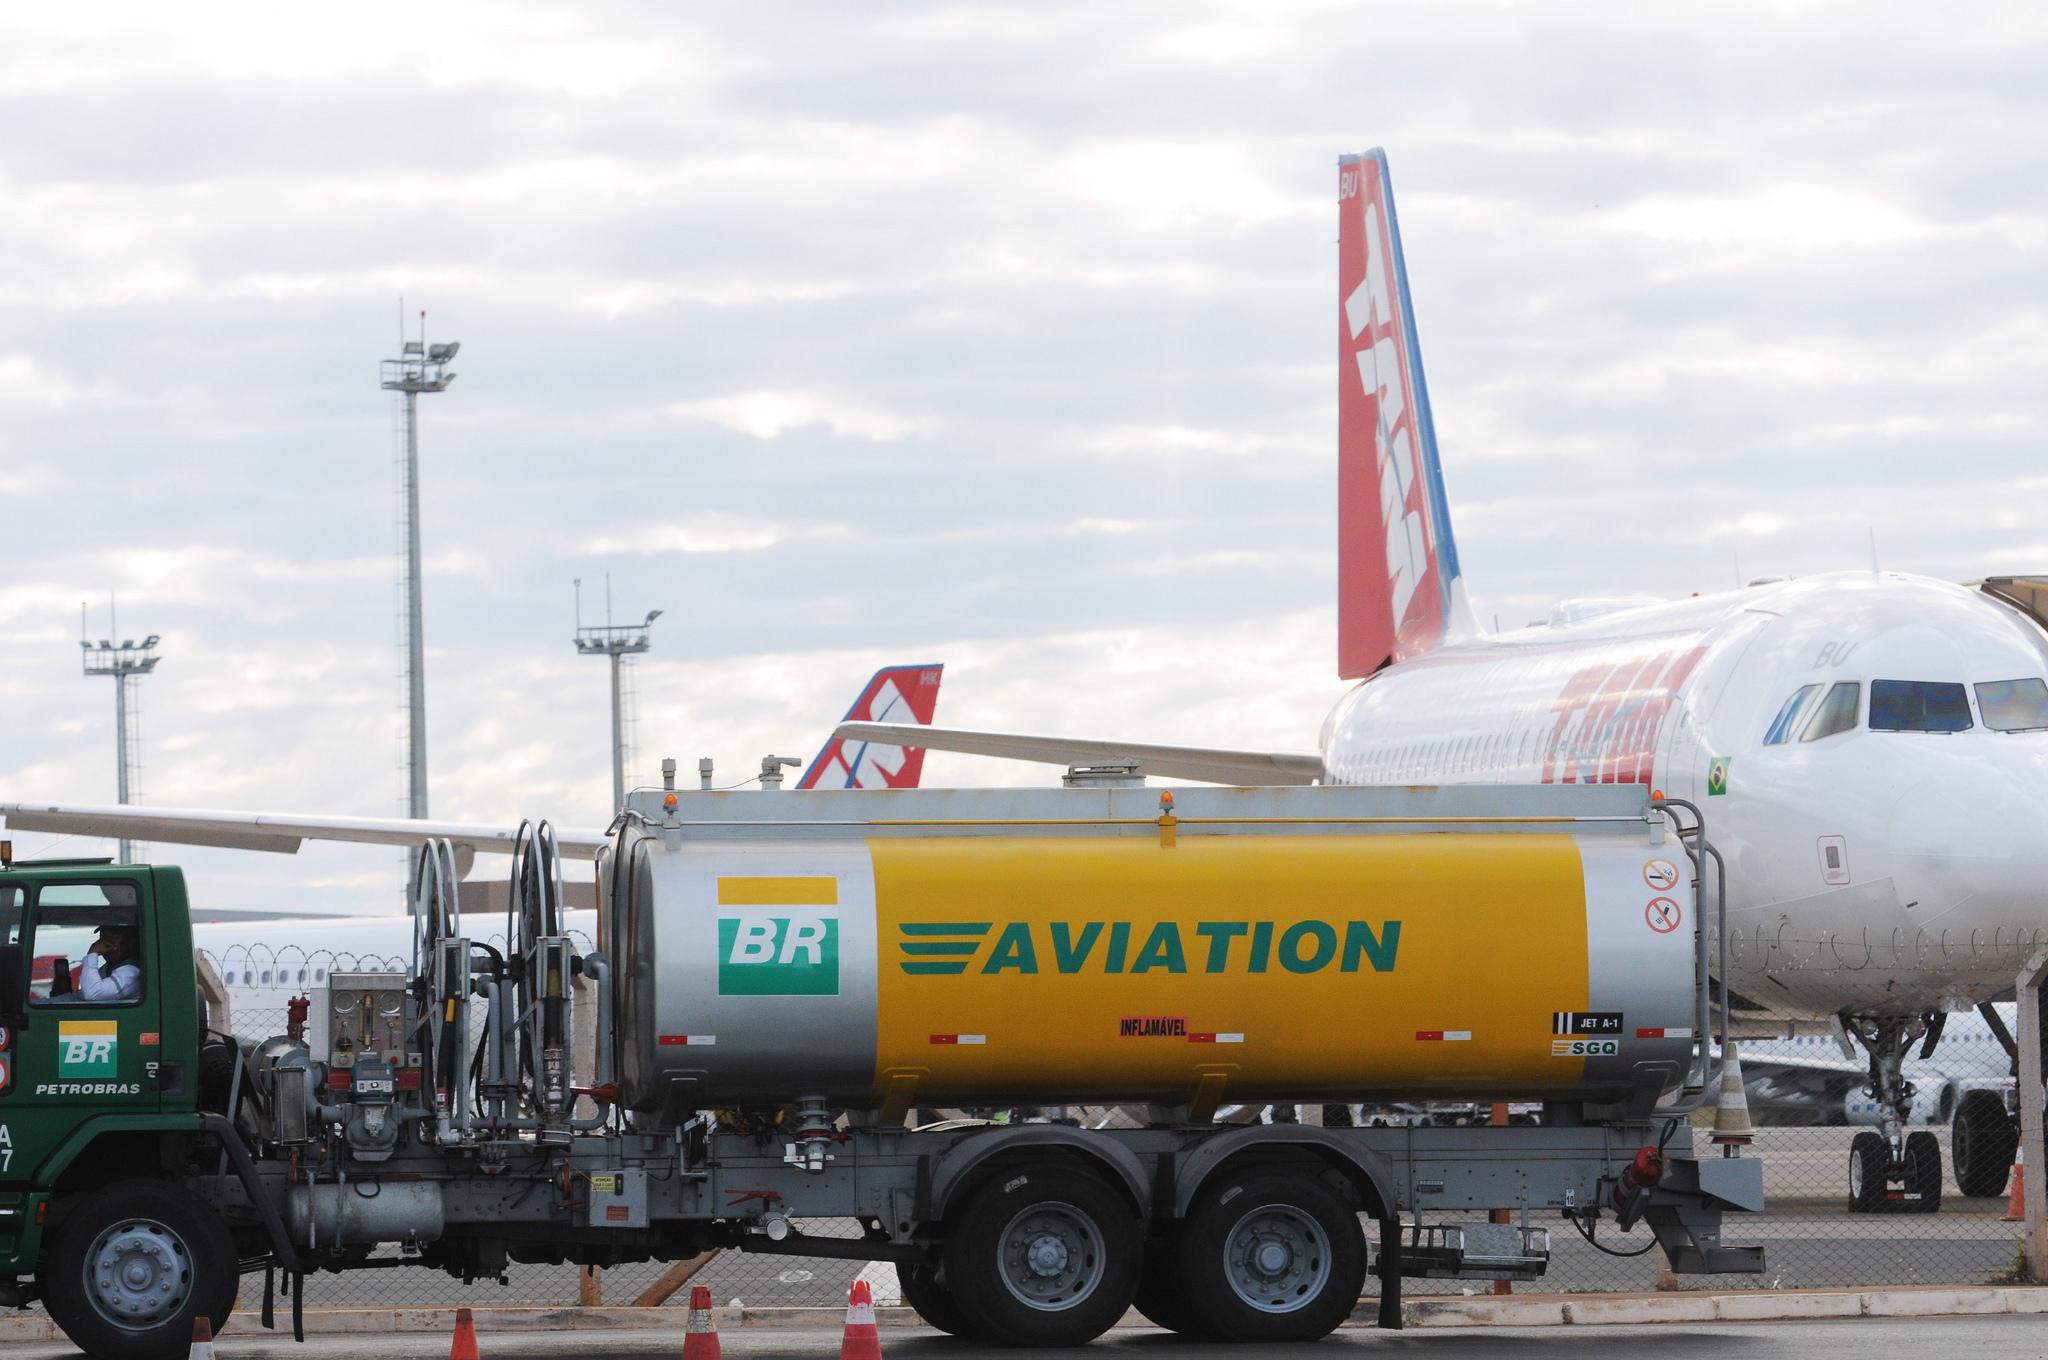 Brasil faz América Latina ter custo de combustível de aviação mais alto no mundo